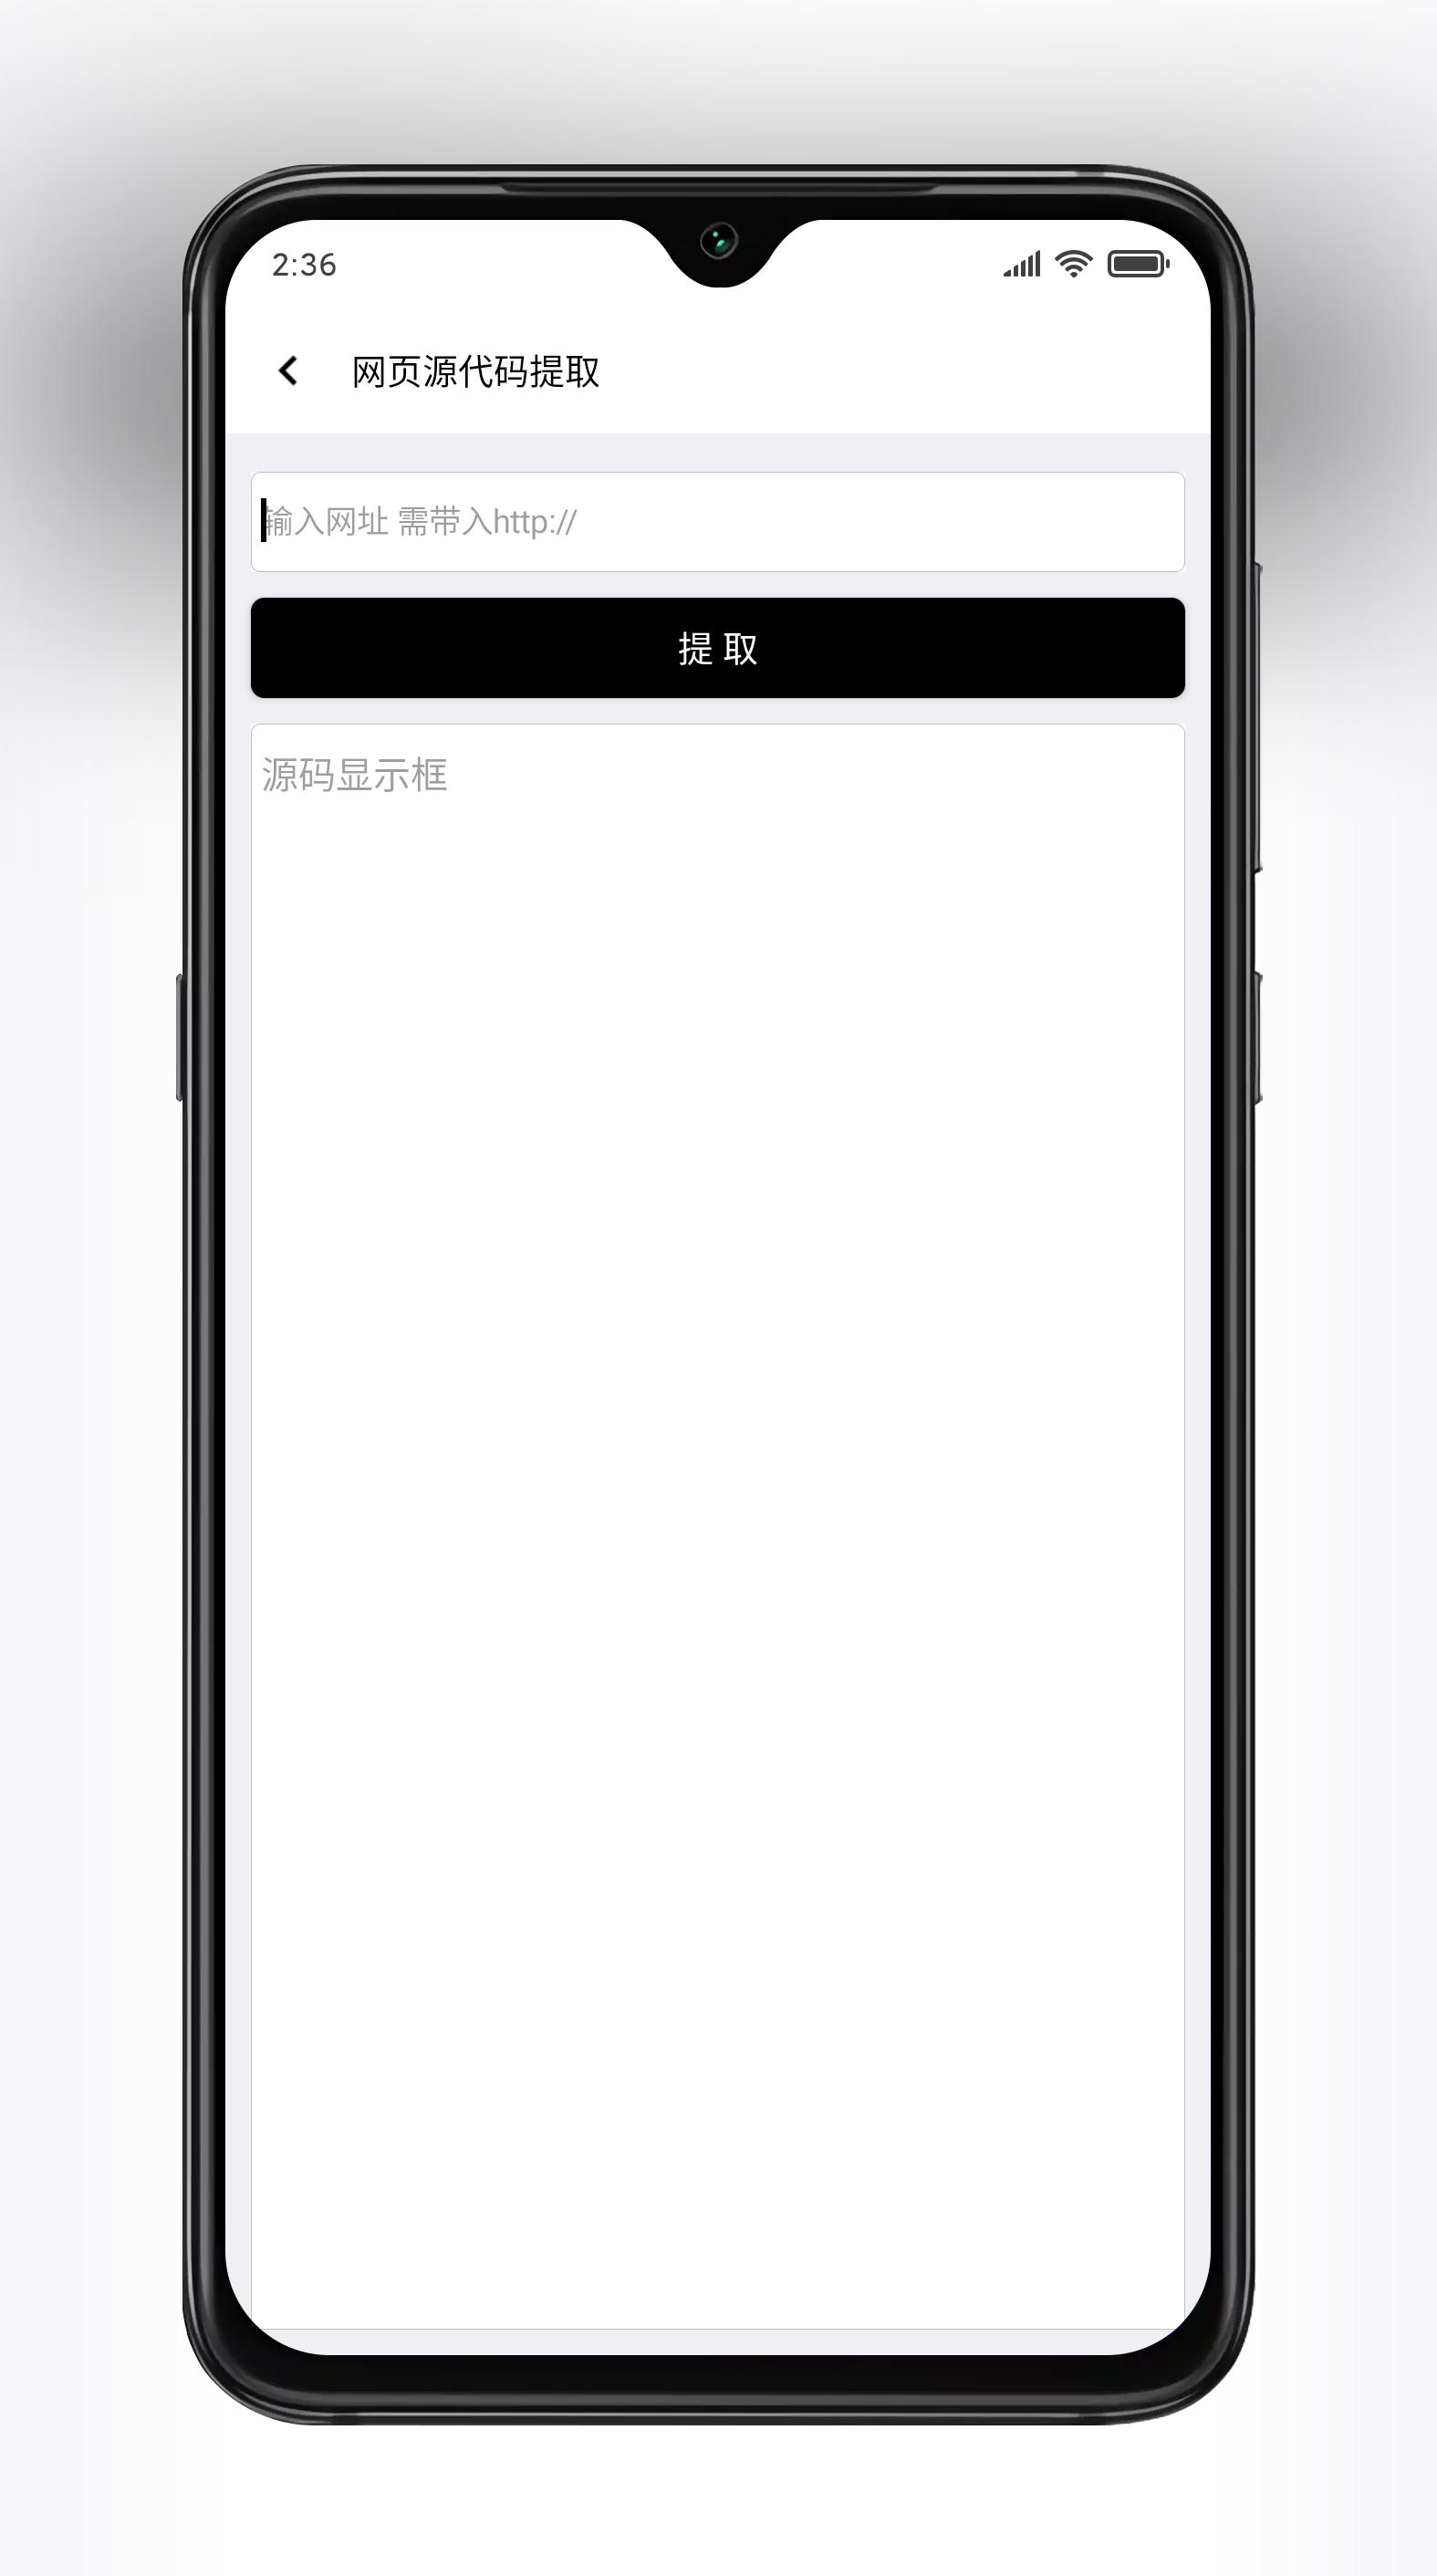 【原创】iApp学习助手v4.31-爱小助